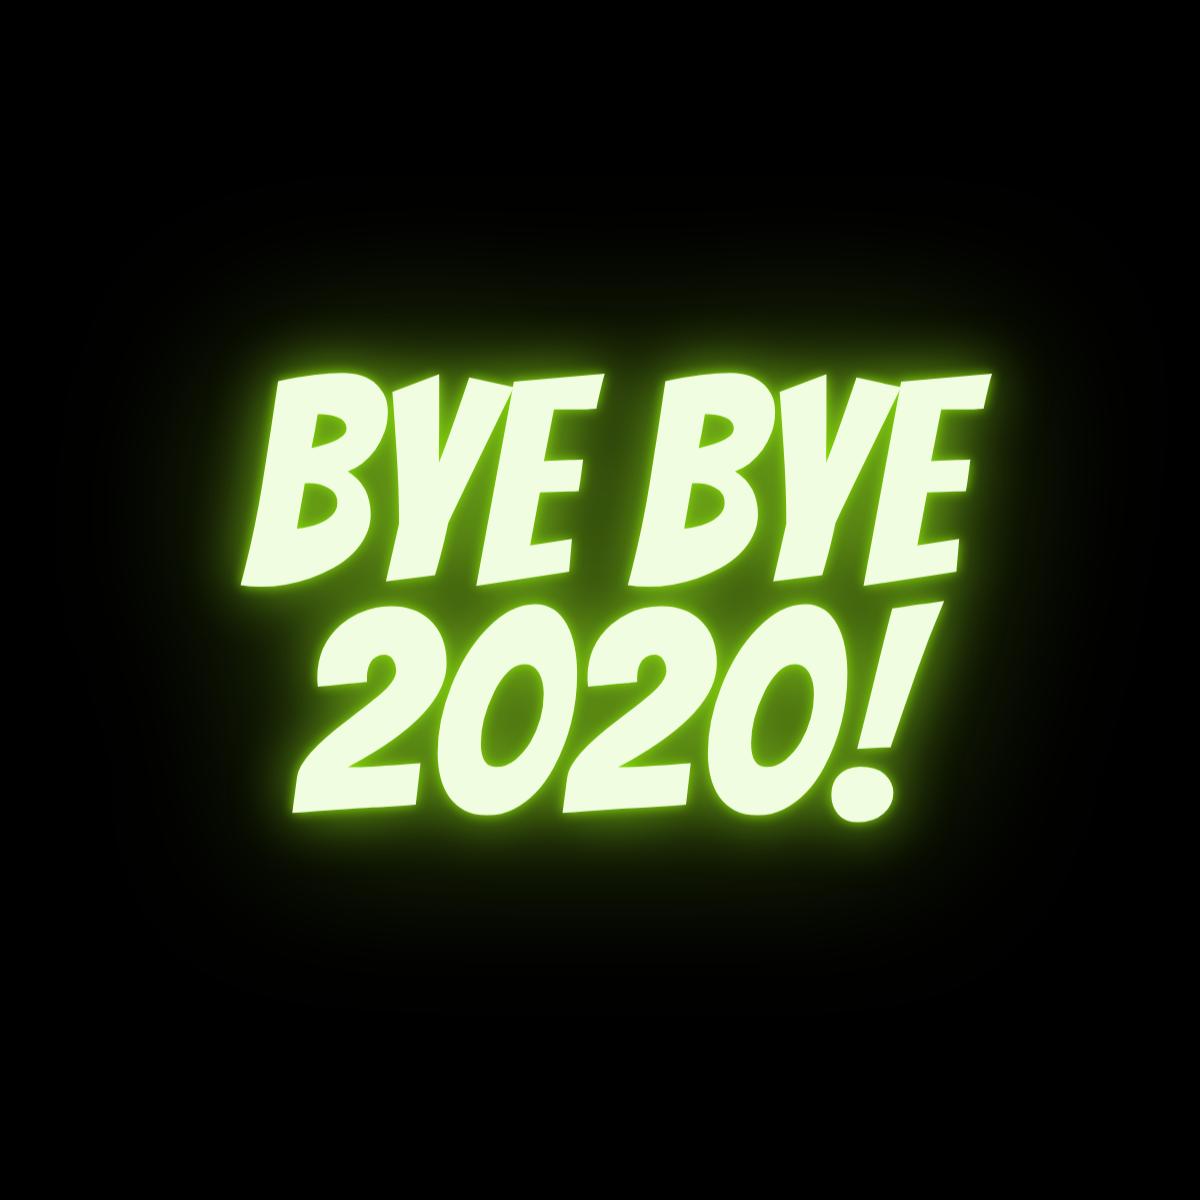 Les 5 meilleurs articles de blogue de Present en 2020